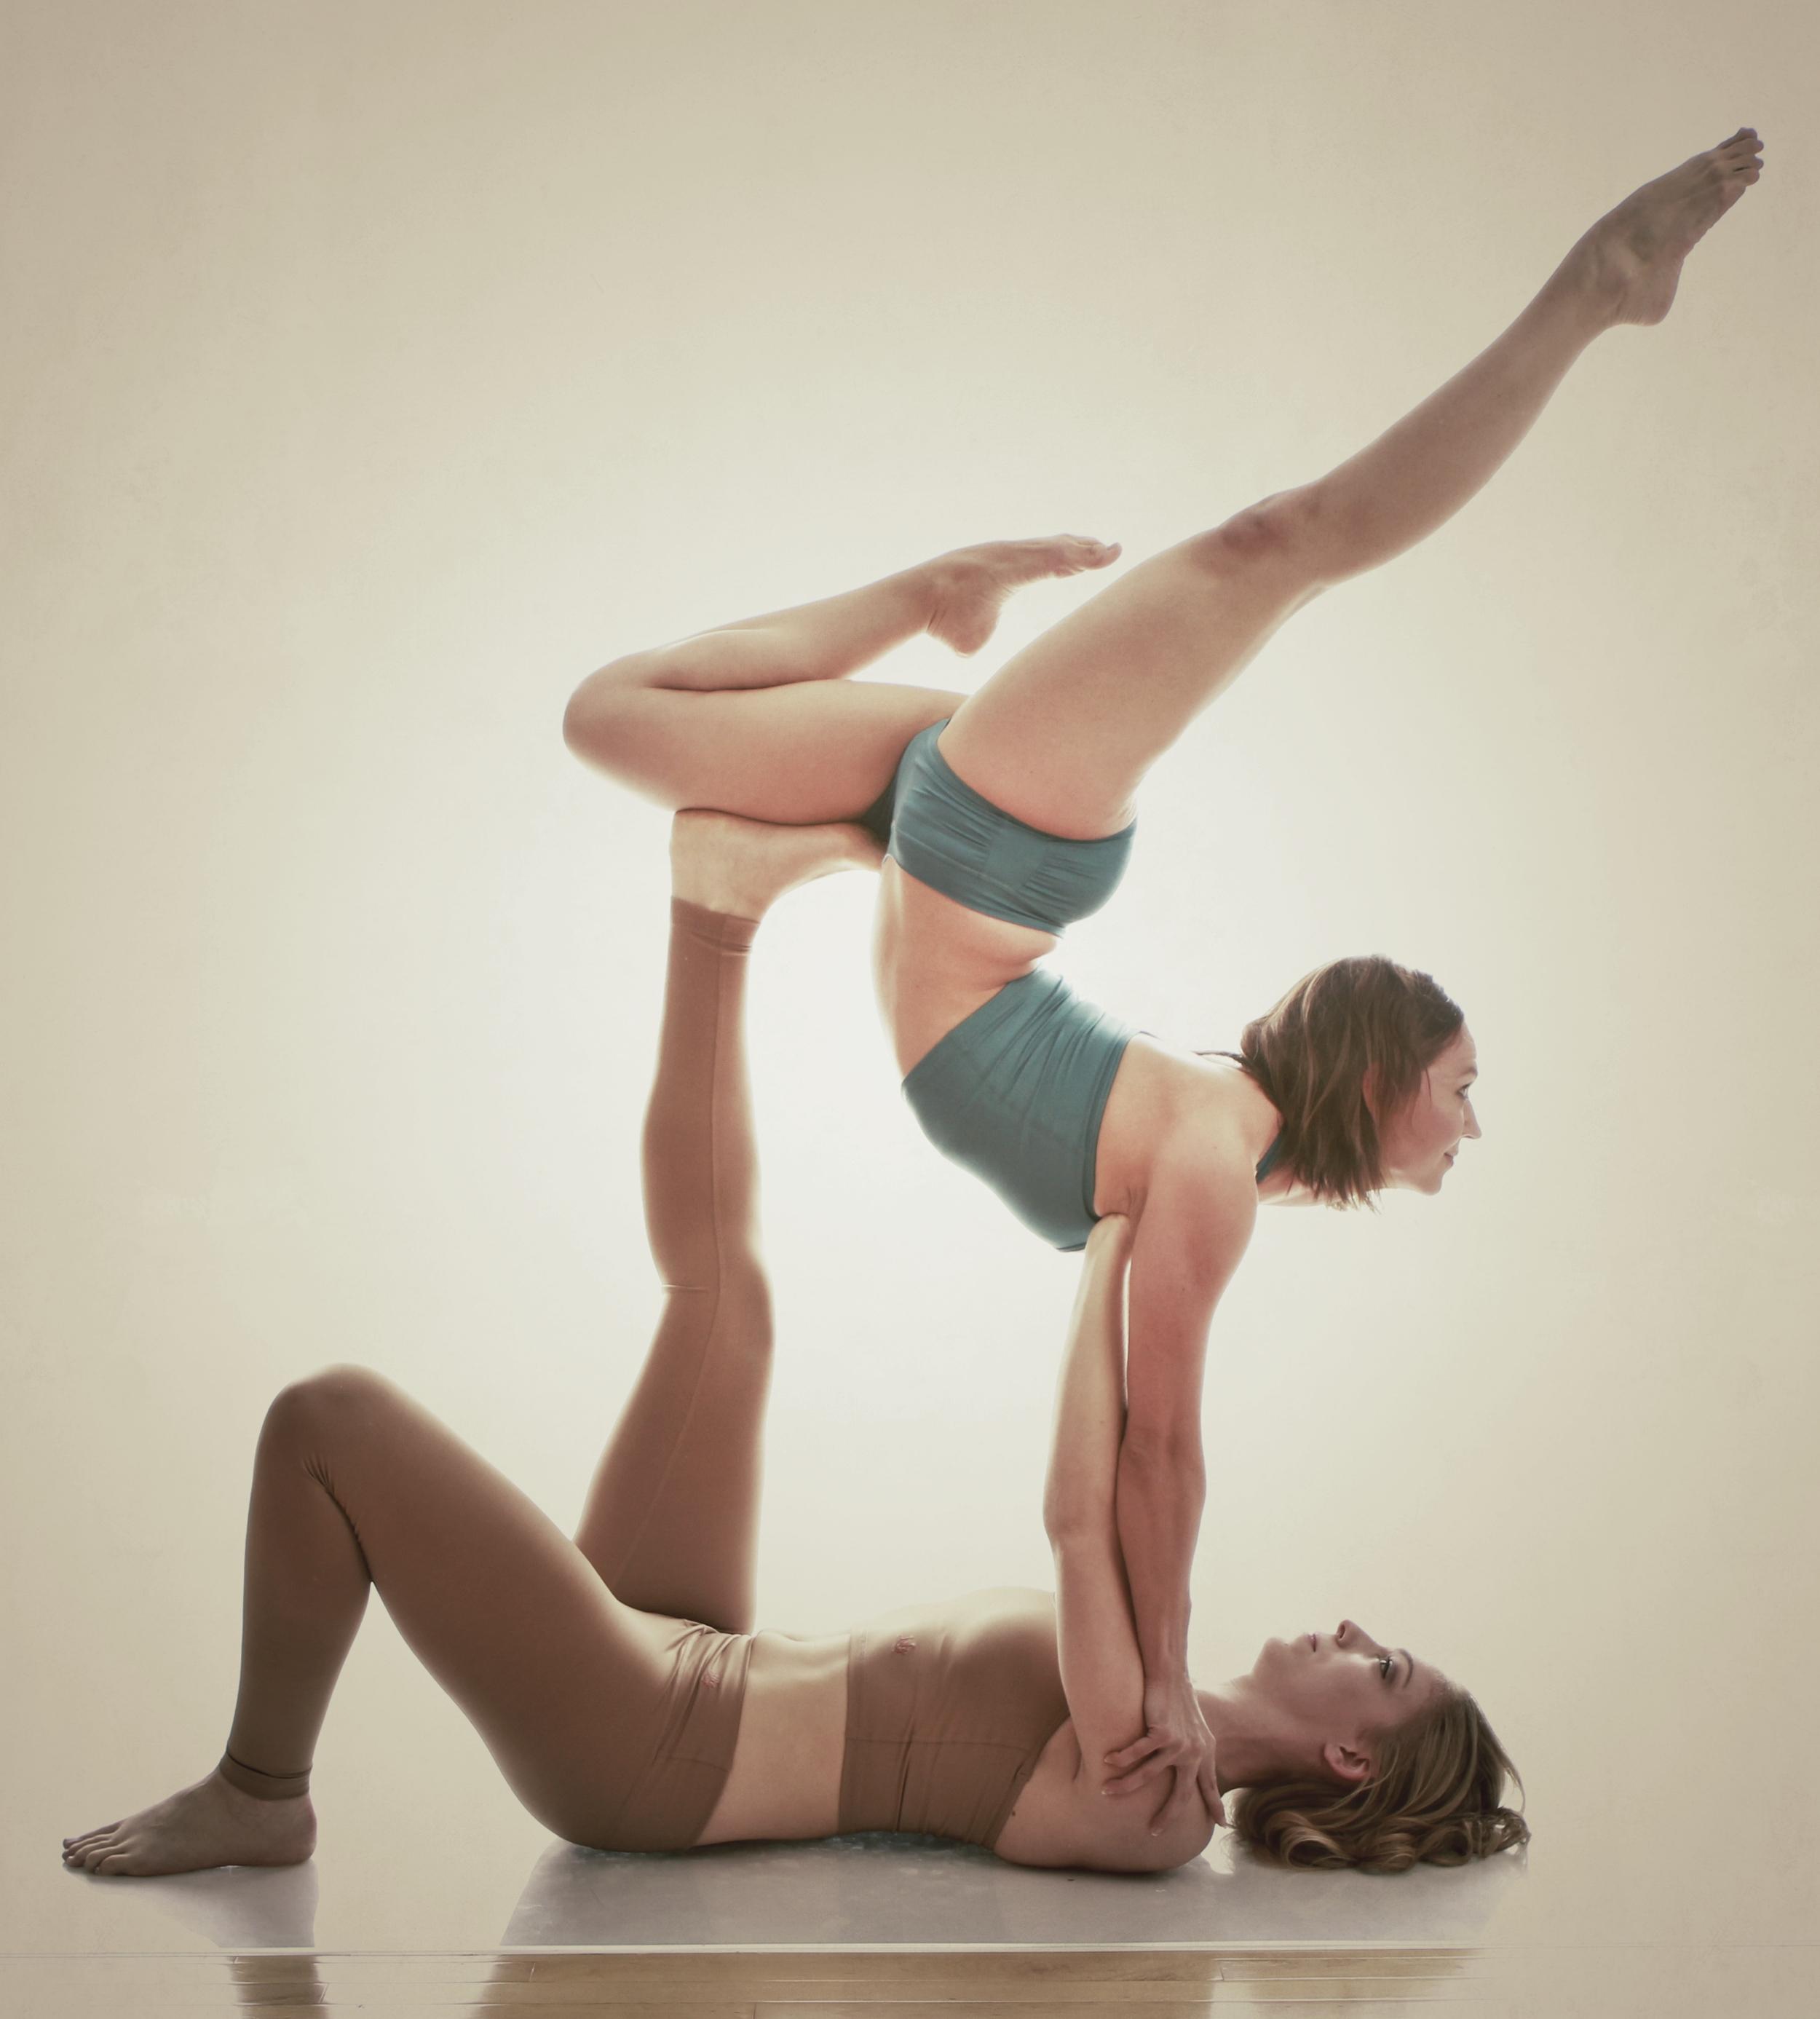 Acro yoga with Amber Richard!